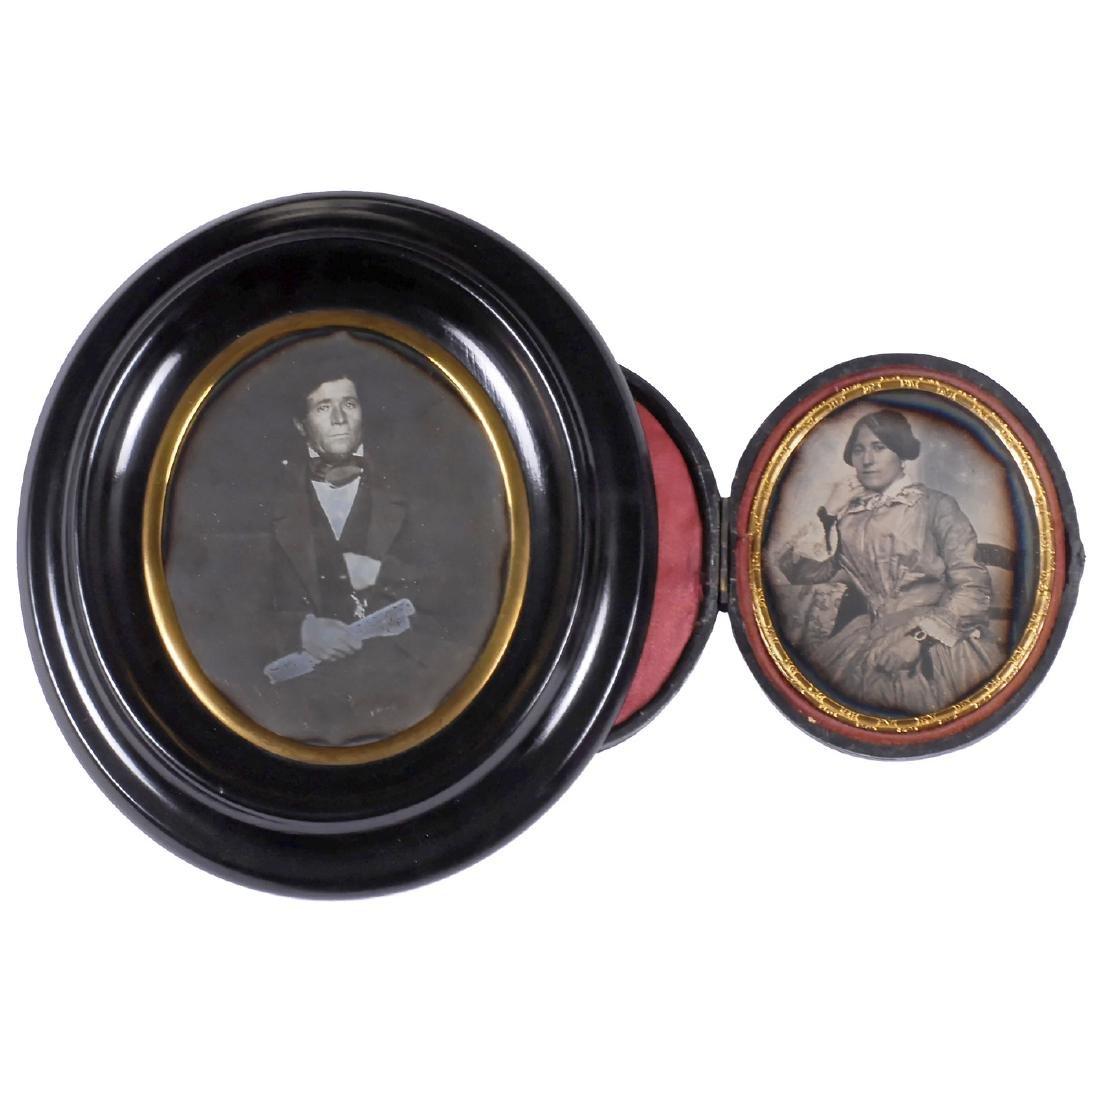 2 Daguerreotypes, c. 1850